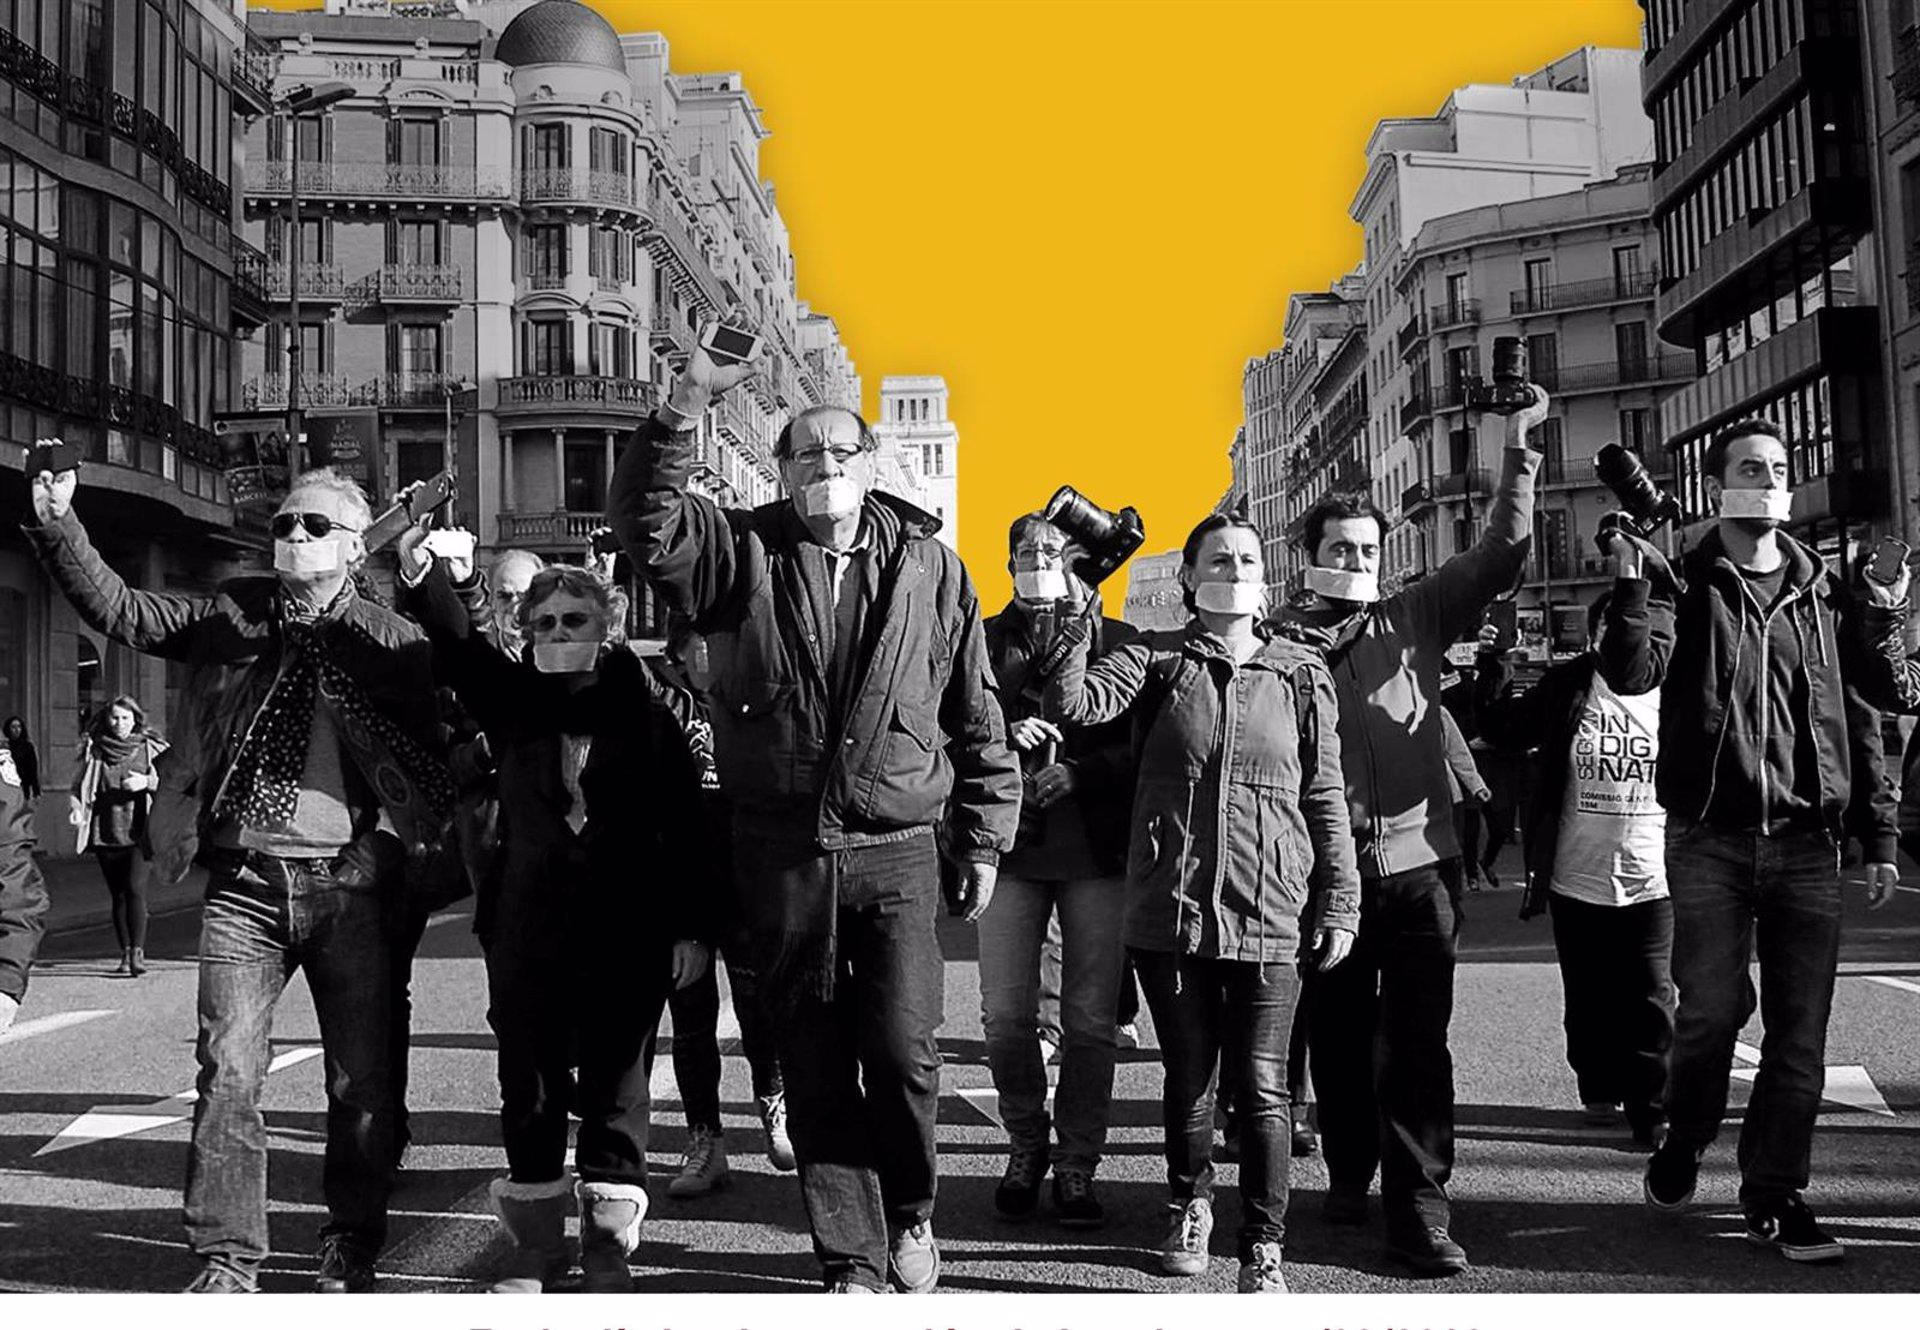 El festival de cortos en defensa de los derechos humanos llega a su séptima edición